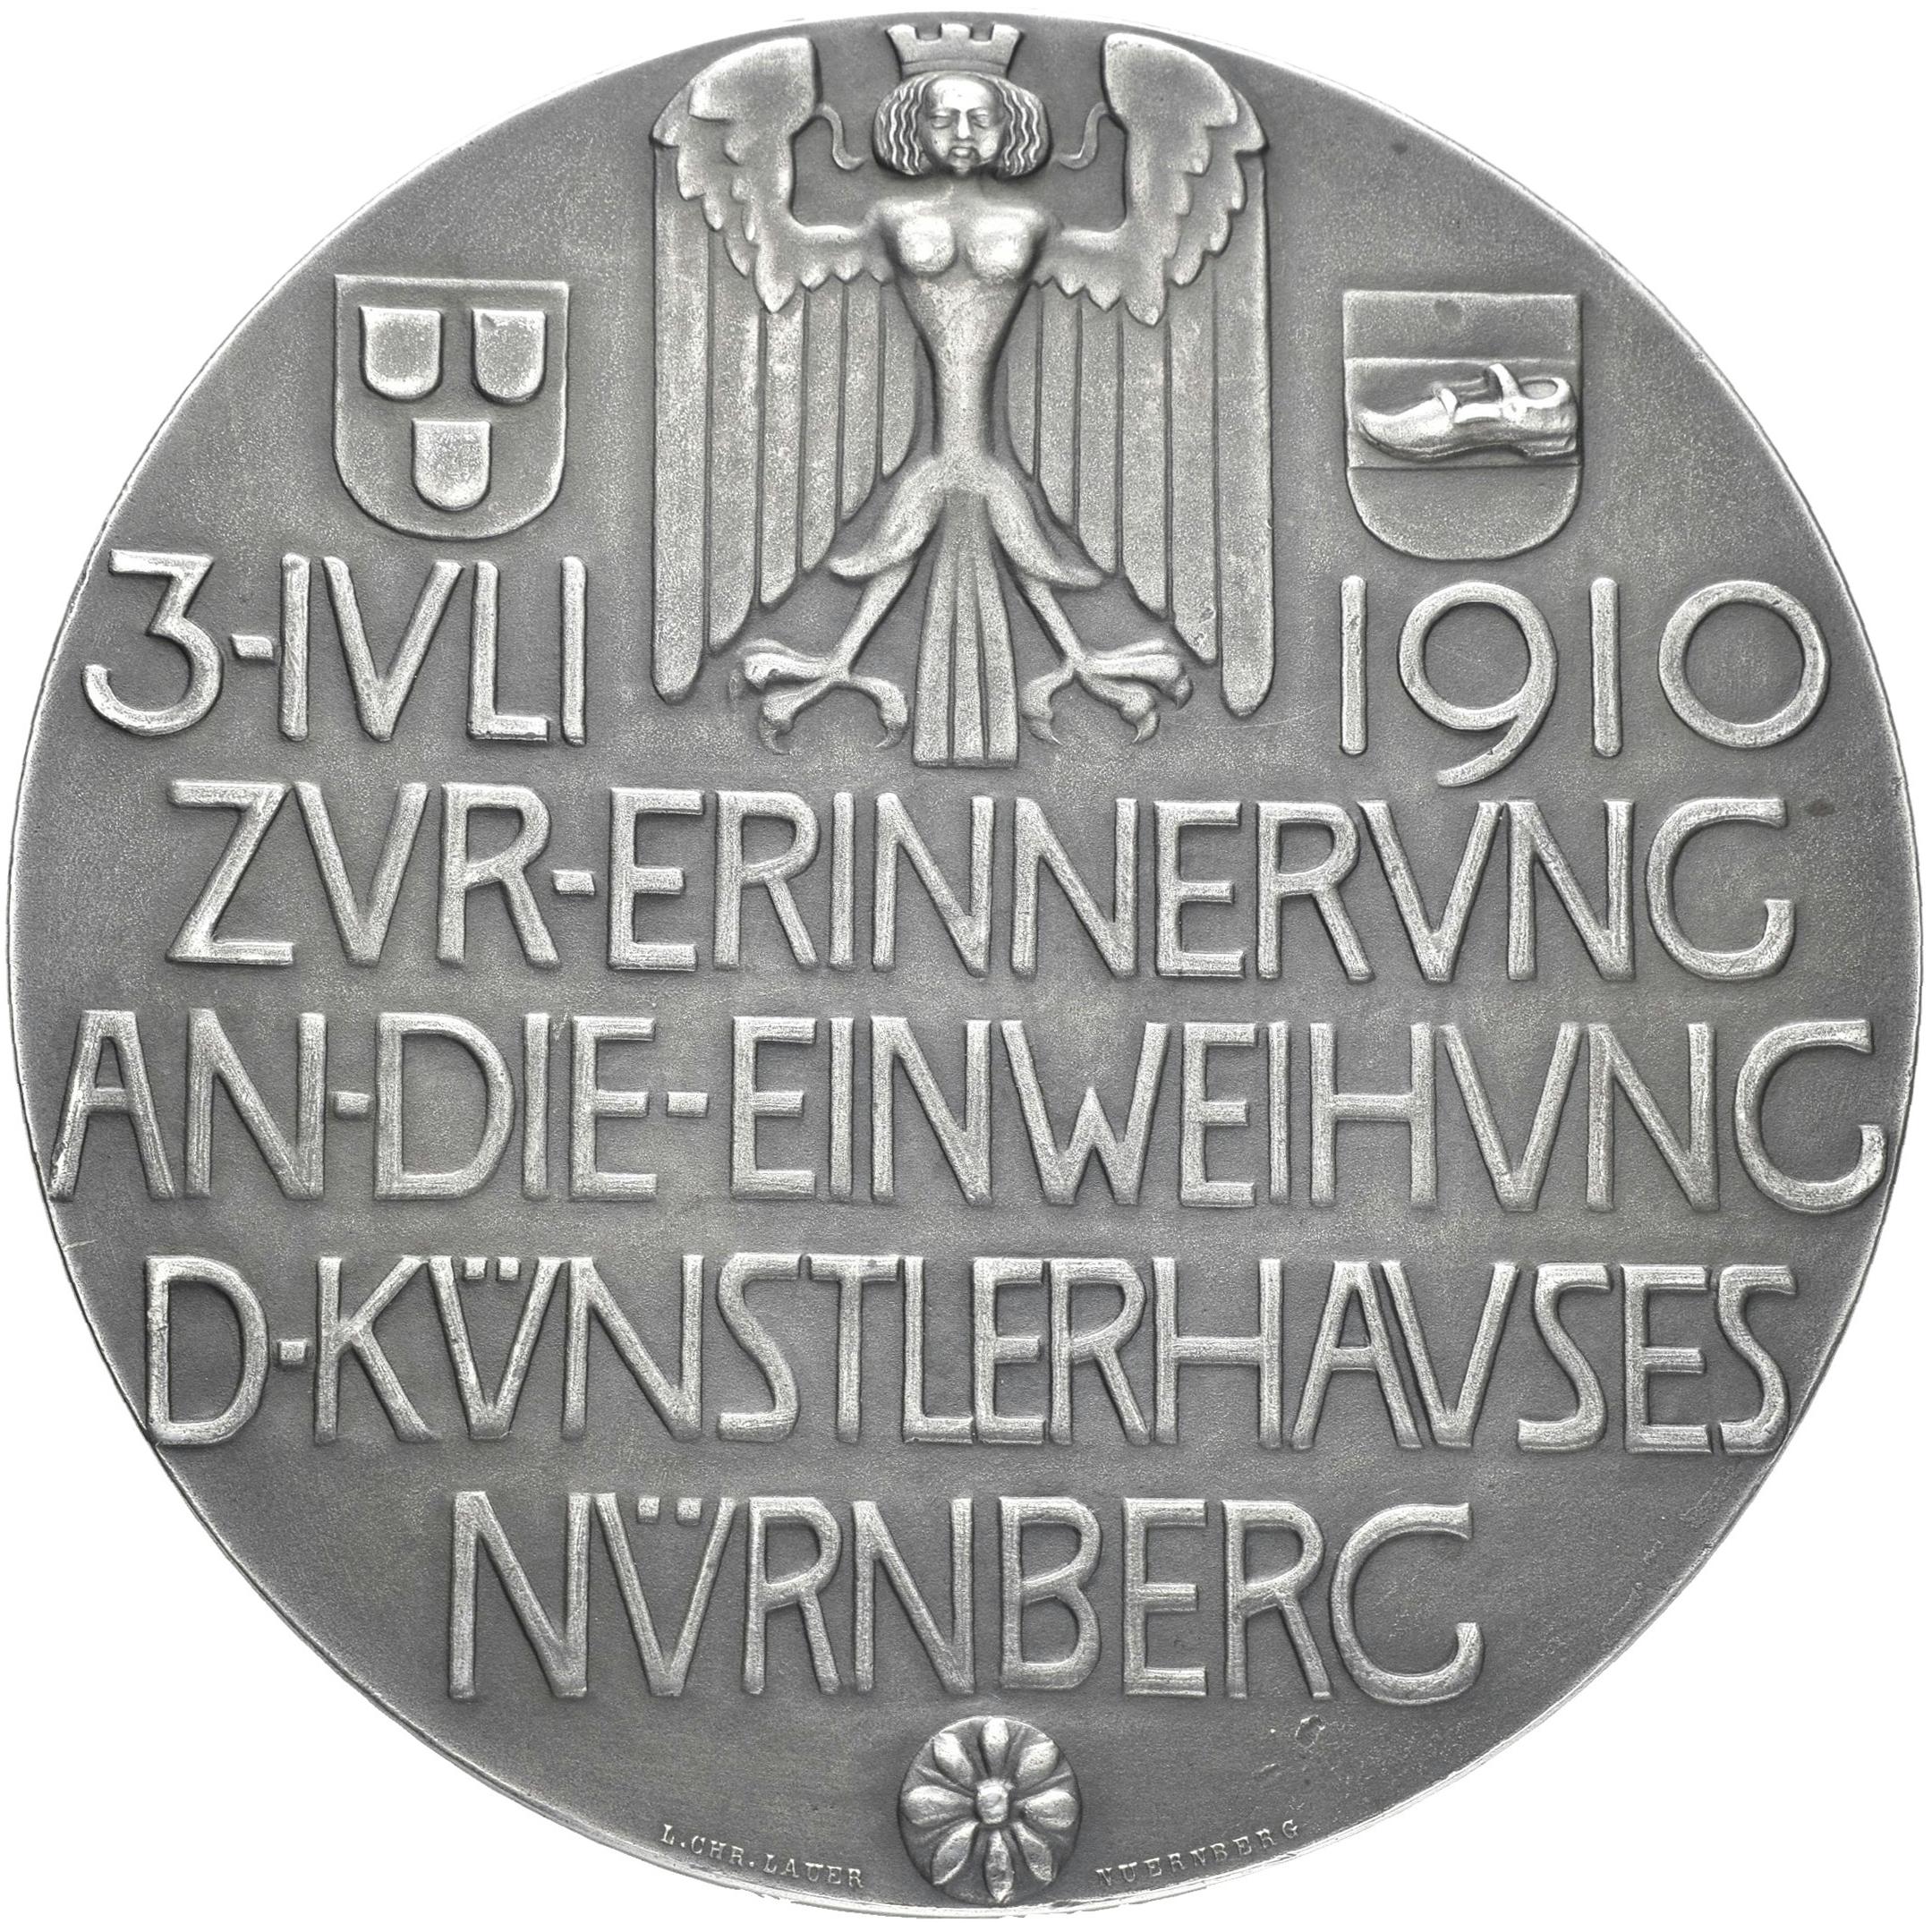 Lot 02452 - Medaillen Deutschland - Geographisch | Münzen  -  Auktionshaus Christoph Gärtner GmbH & Co. KG Sale #48 The Coins & The Picture Post Cards